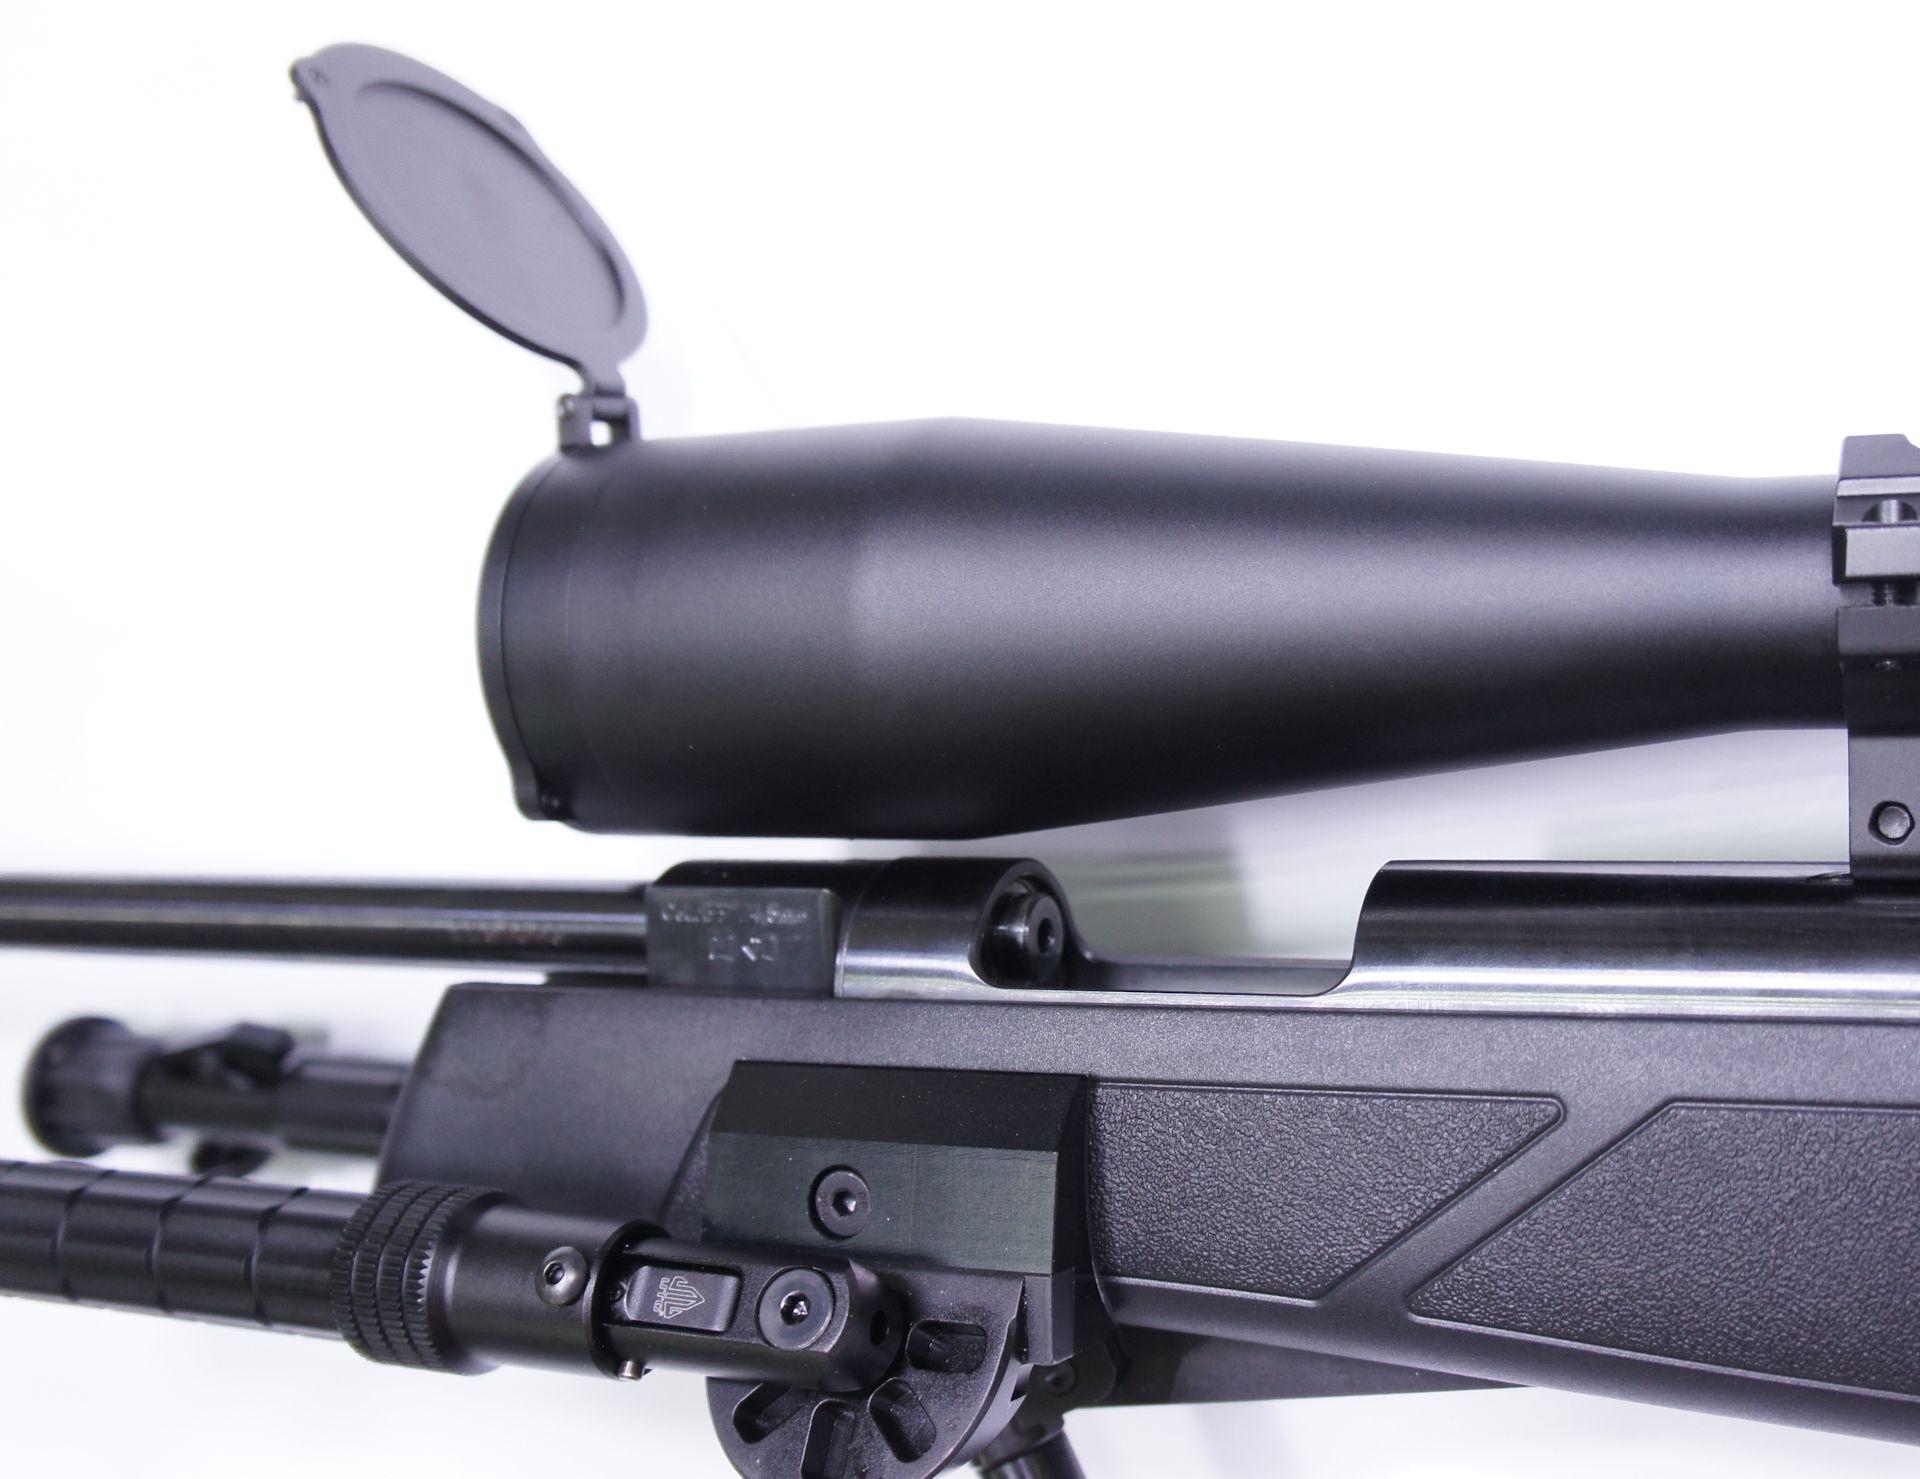 Dieses Bild mit <a href=1130173.htm> Zielfernrohr Hawke AIRMAX 30 SF Modell 8-32x50 SF</a> zeigt dessen Lademule. Trotz diesem großen Zielfernrohr kann die Waffe bequem geladen werden, weil diese Optik weit übersteht.